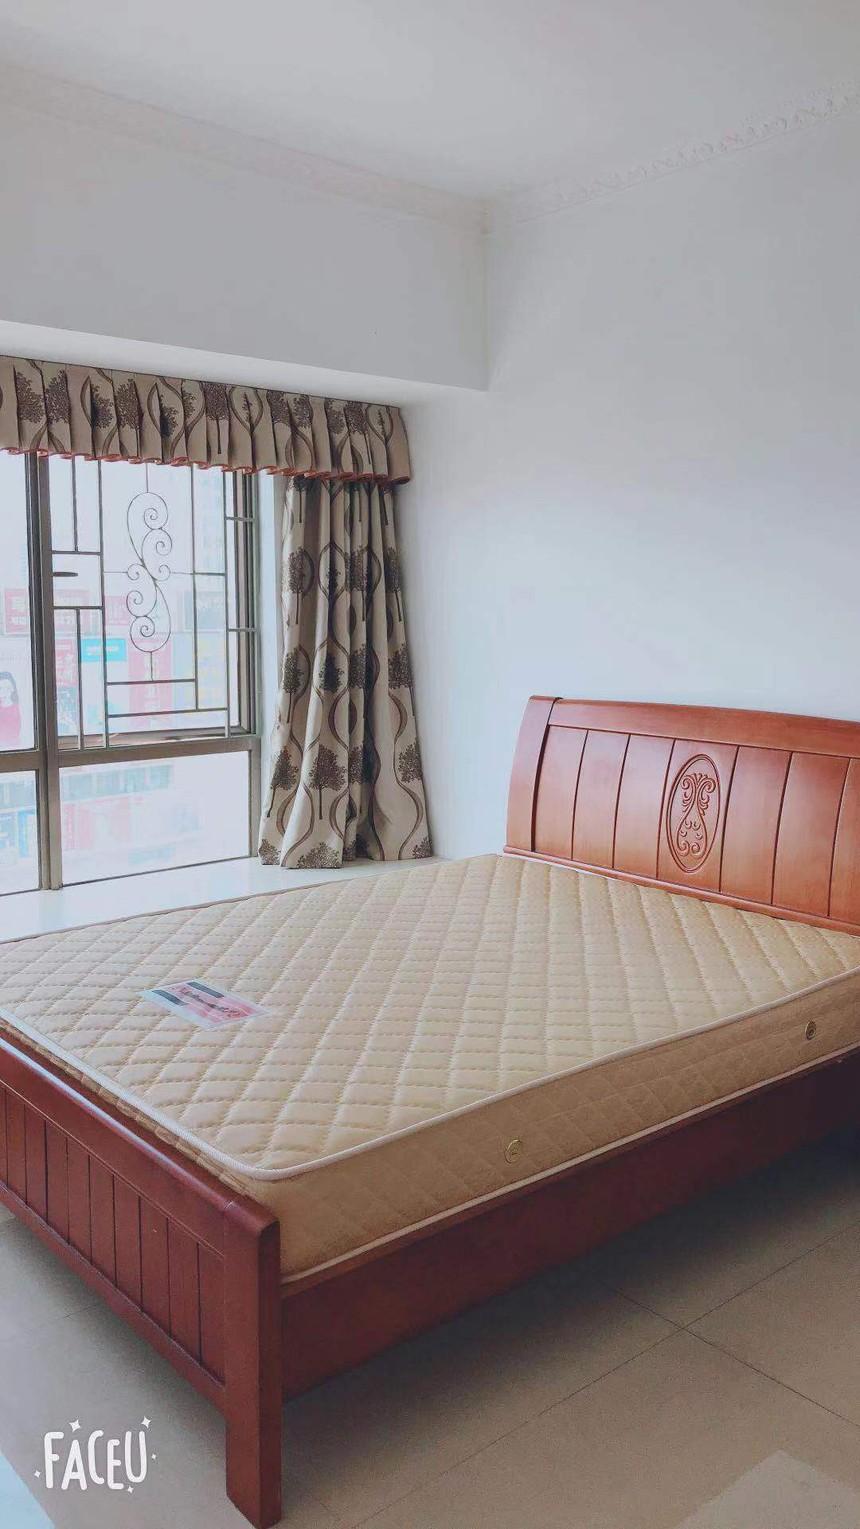 图片是毛坯房装修出来的效果图.jpg